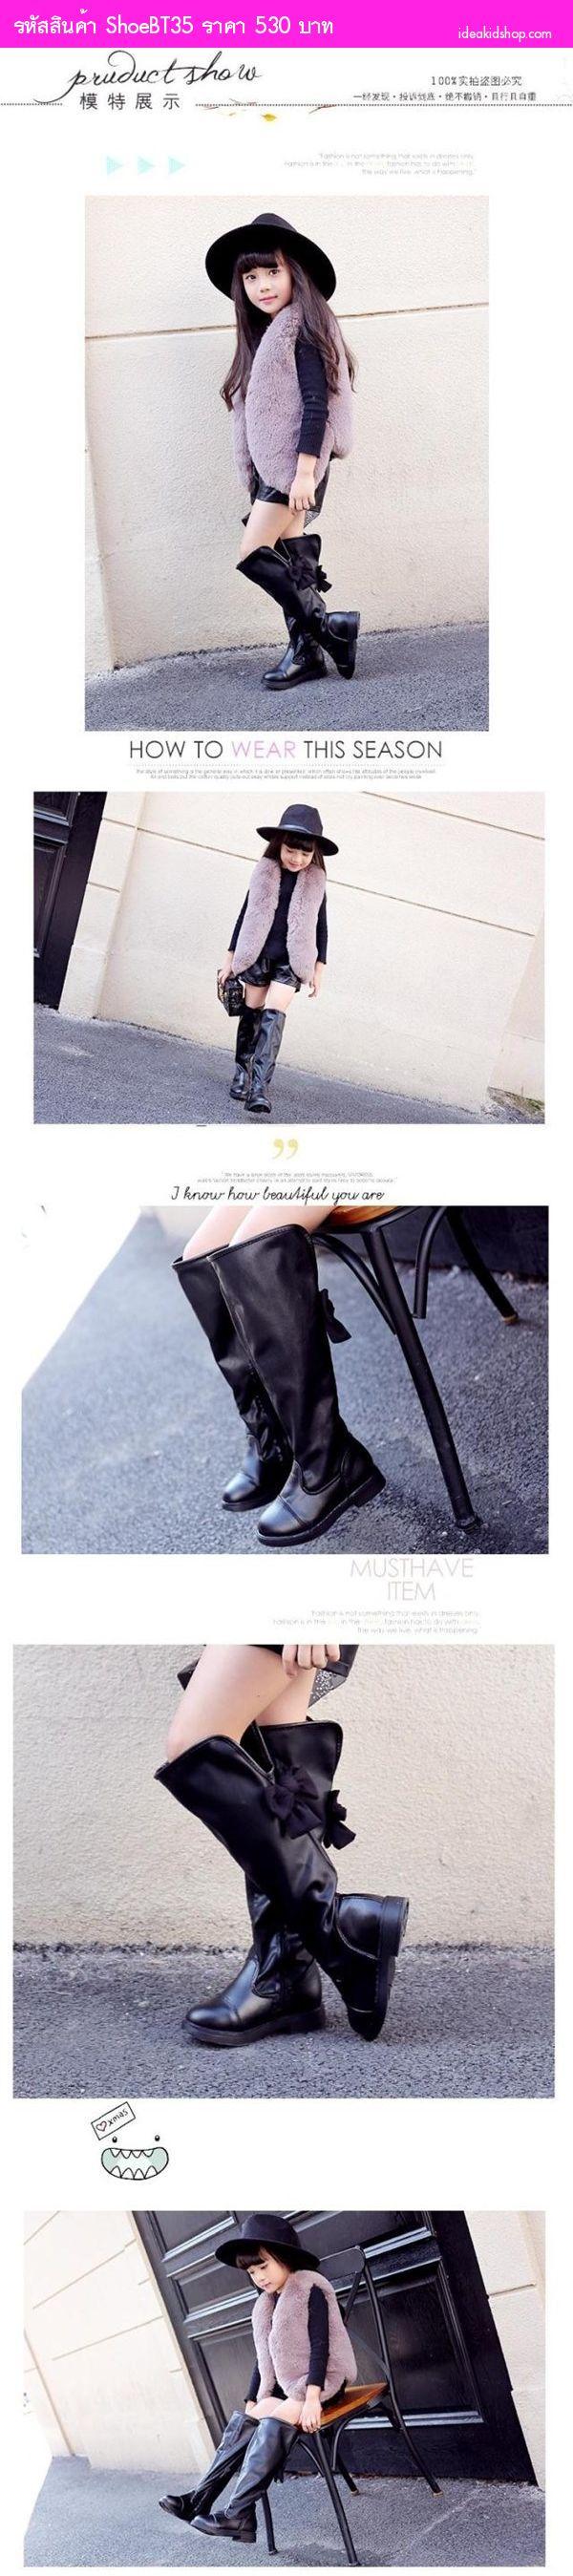 รองเท้าบูทสูงหนังนิ่ม Tall Boots Classy สีดำ